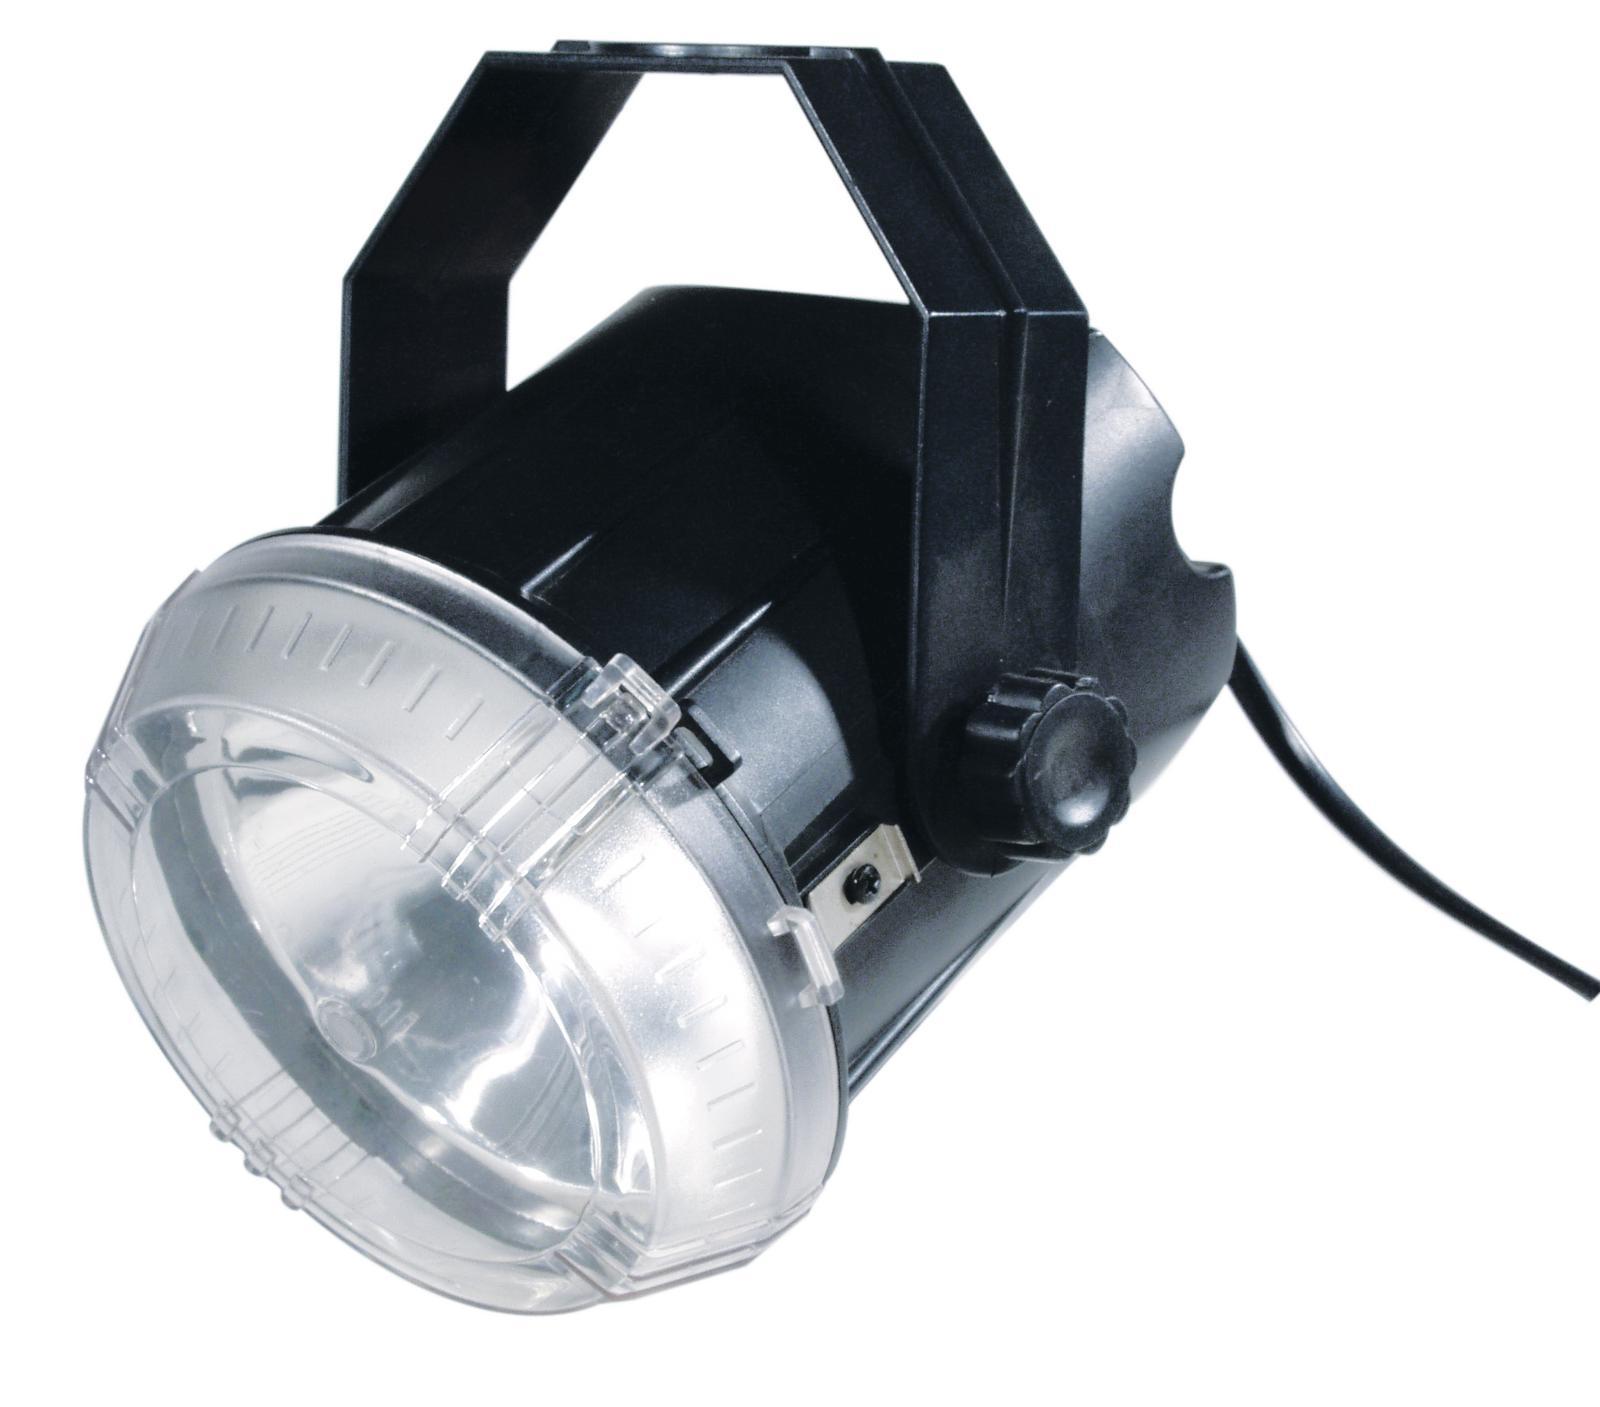 Lampada Strobo effetto luce alta qualita per feste eventi 45 W, EUROLITE